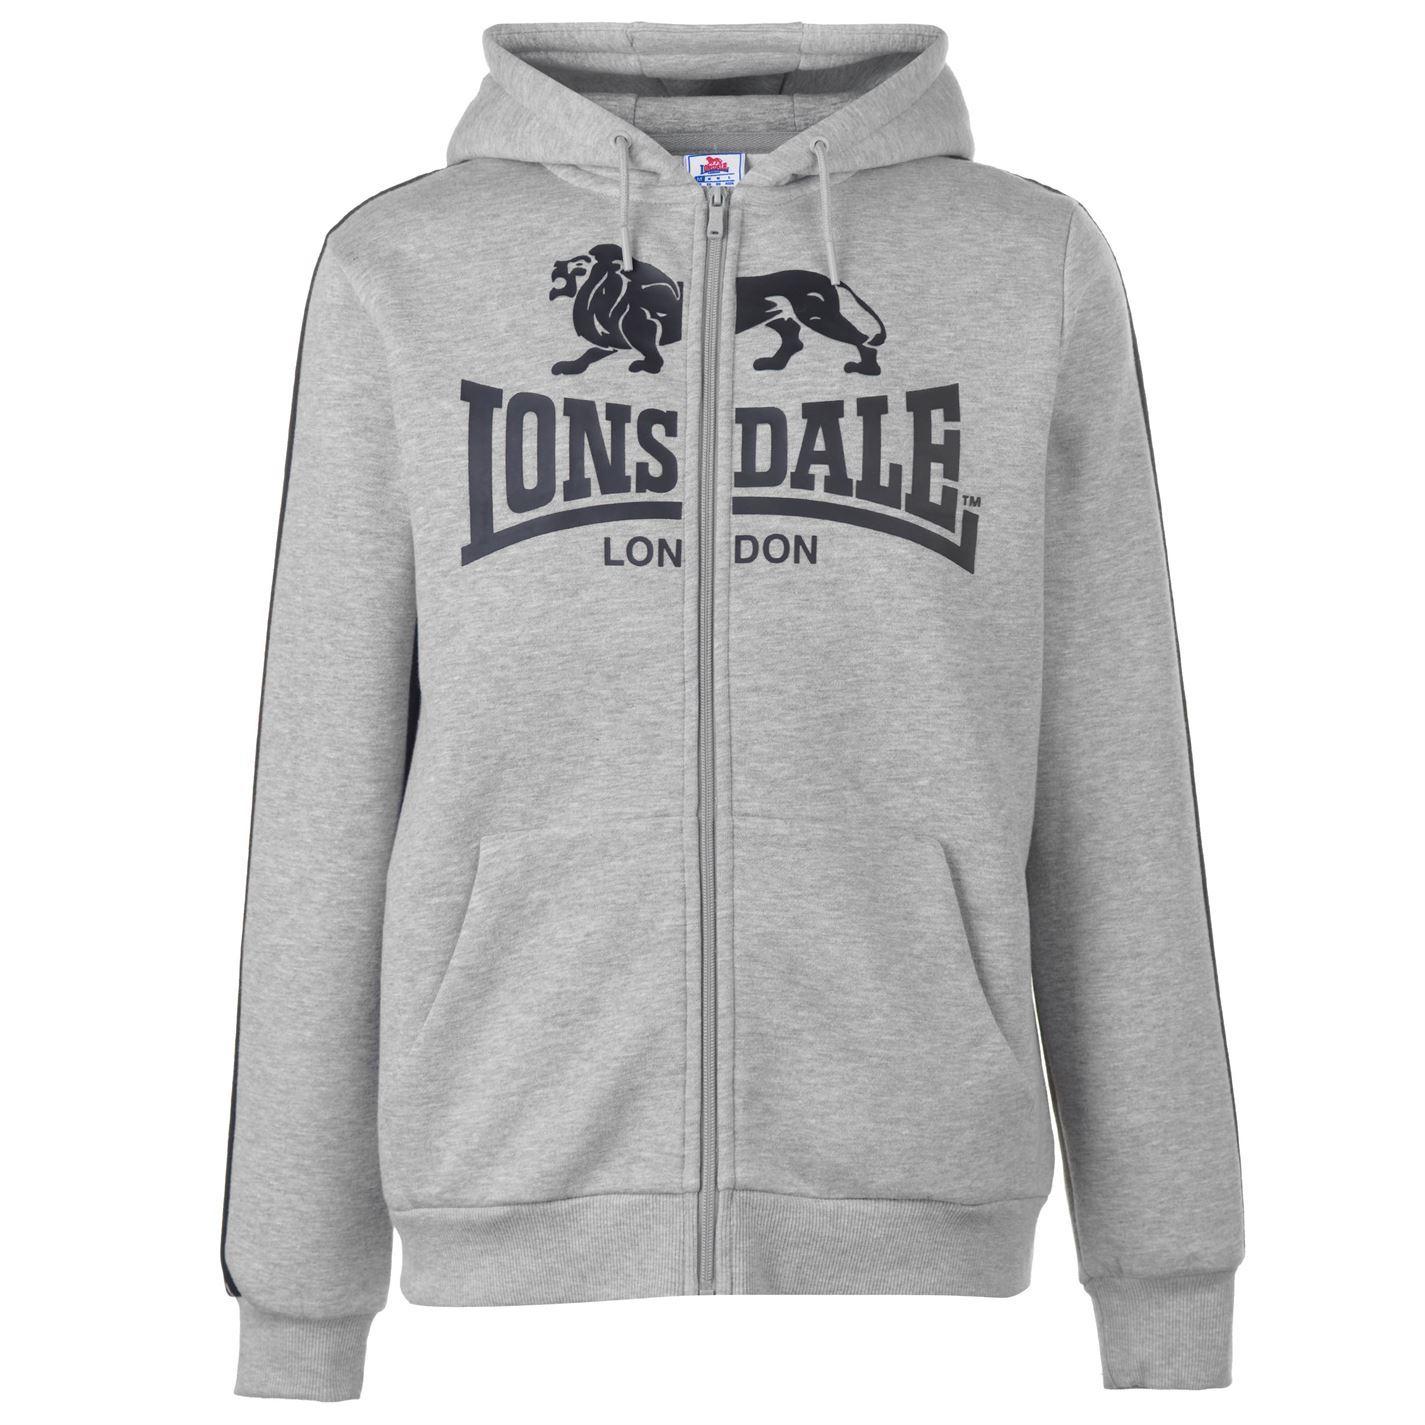 Lonsdale-2-Stripe-Logo-Full-Zip-Hoody-Mens-Hoodie-Top-Sweatshirt-Sweater thumbnail 13